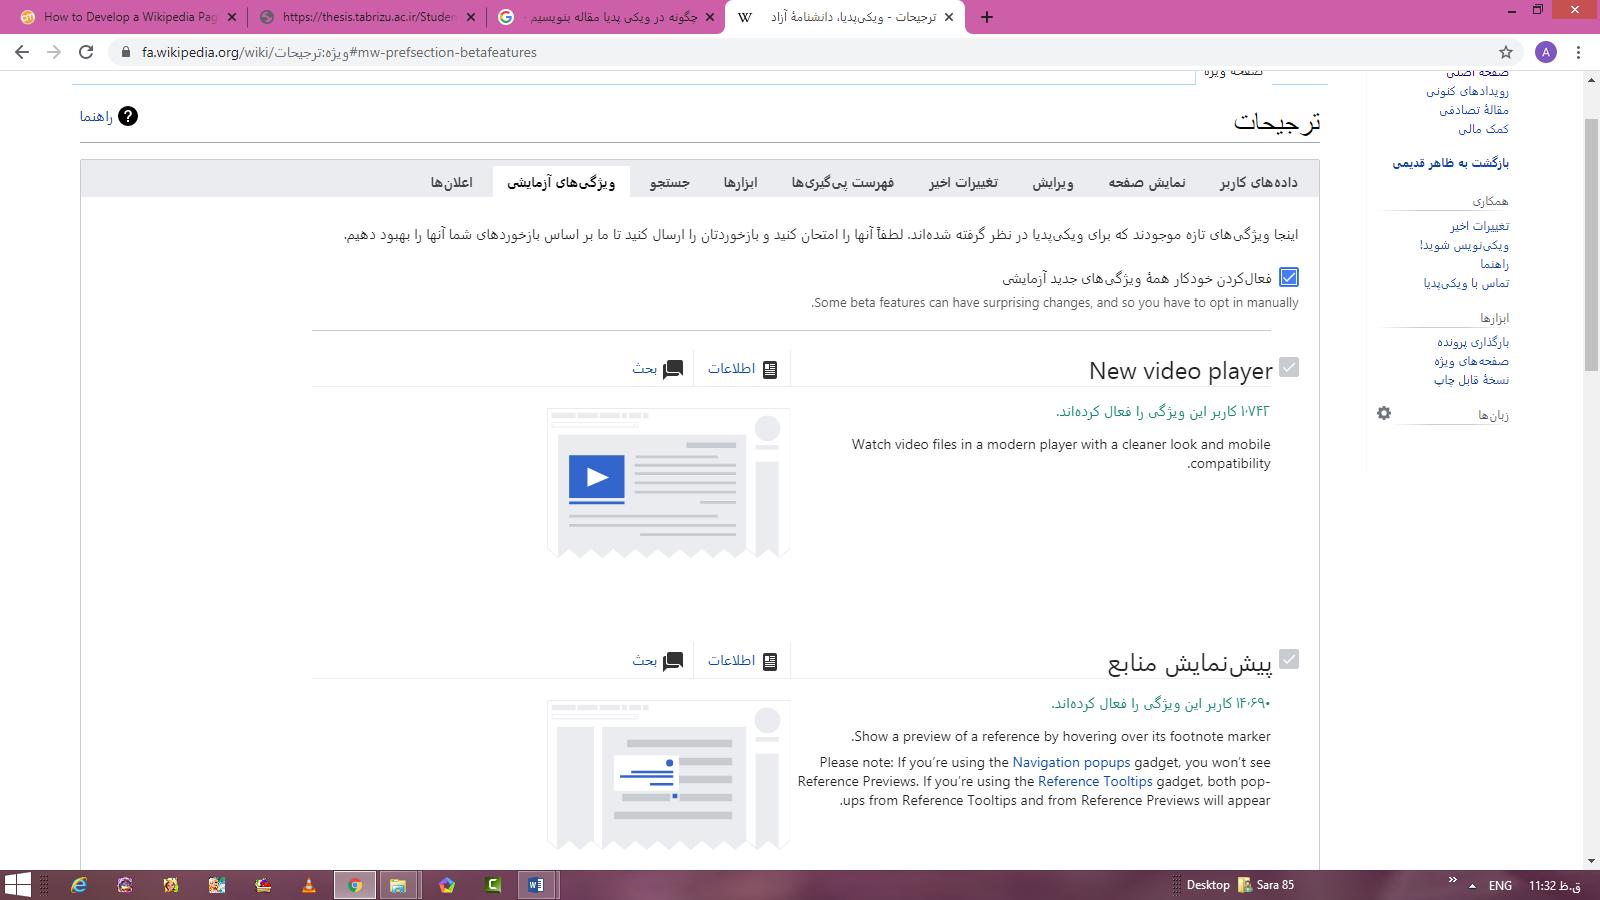 ویژگی های جدید آزمایشی beta در ویکی پدیا